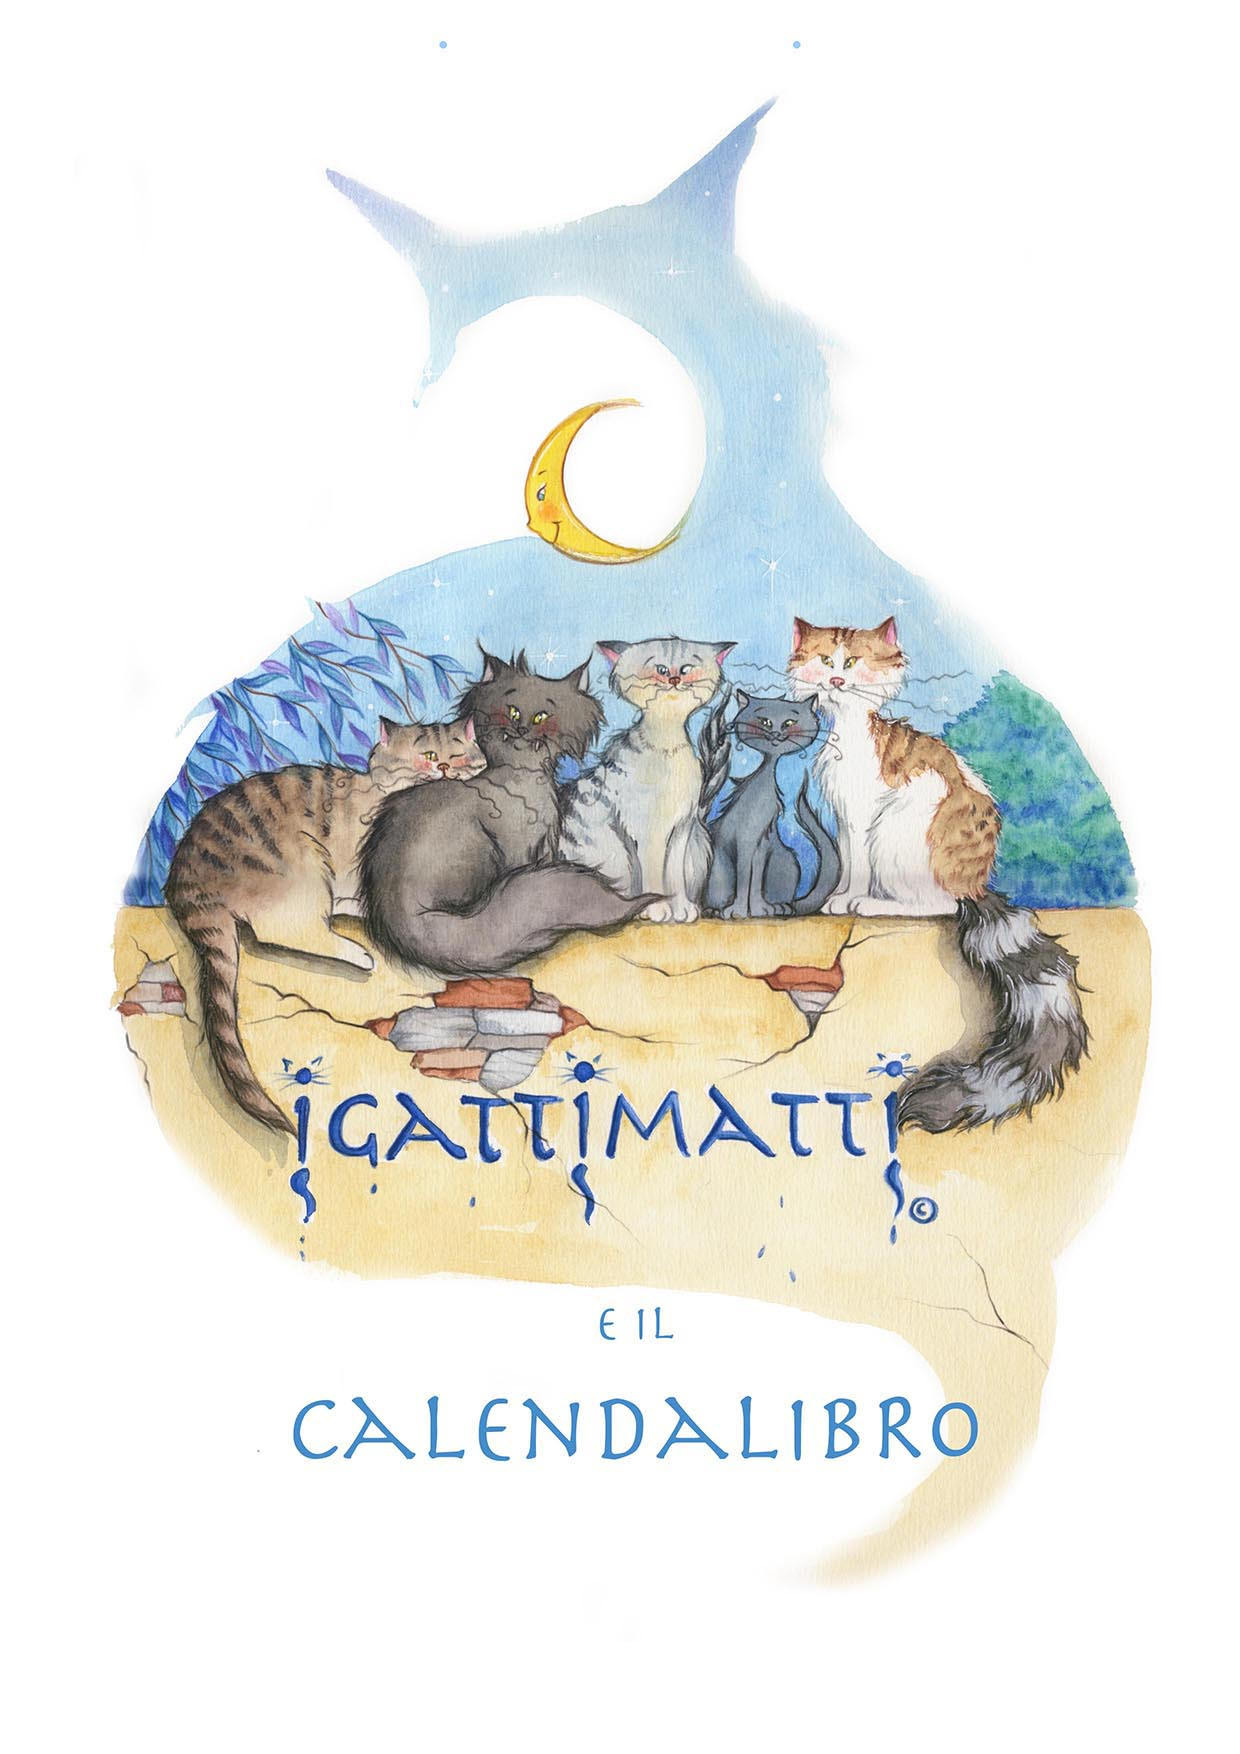 Igattimatti e il calendalibro 2013